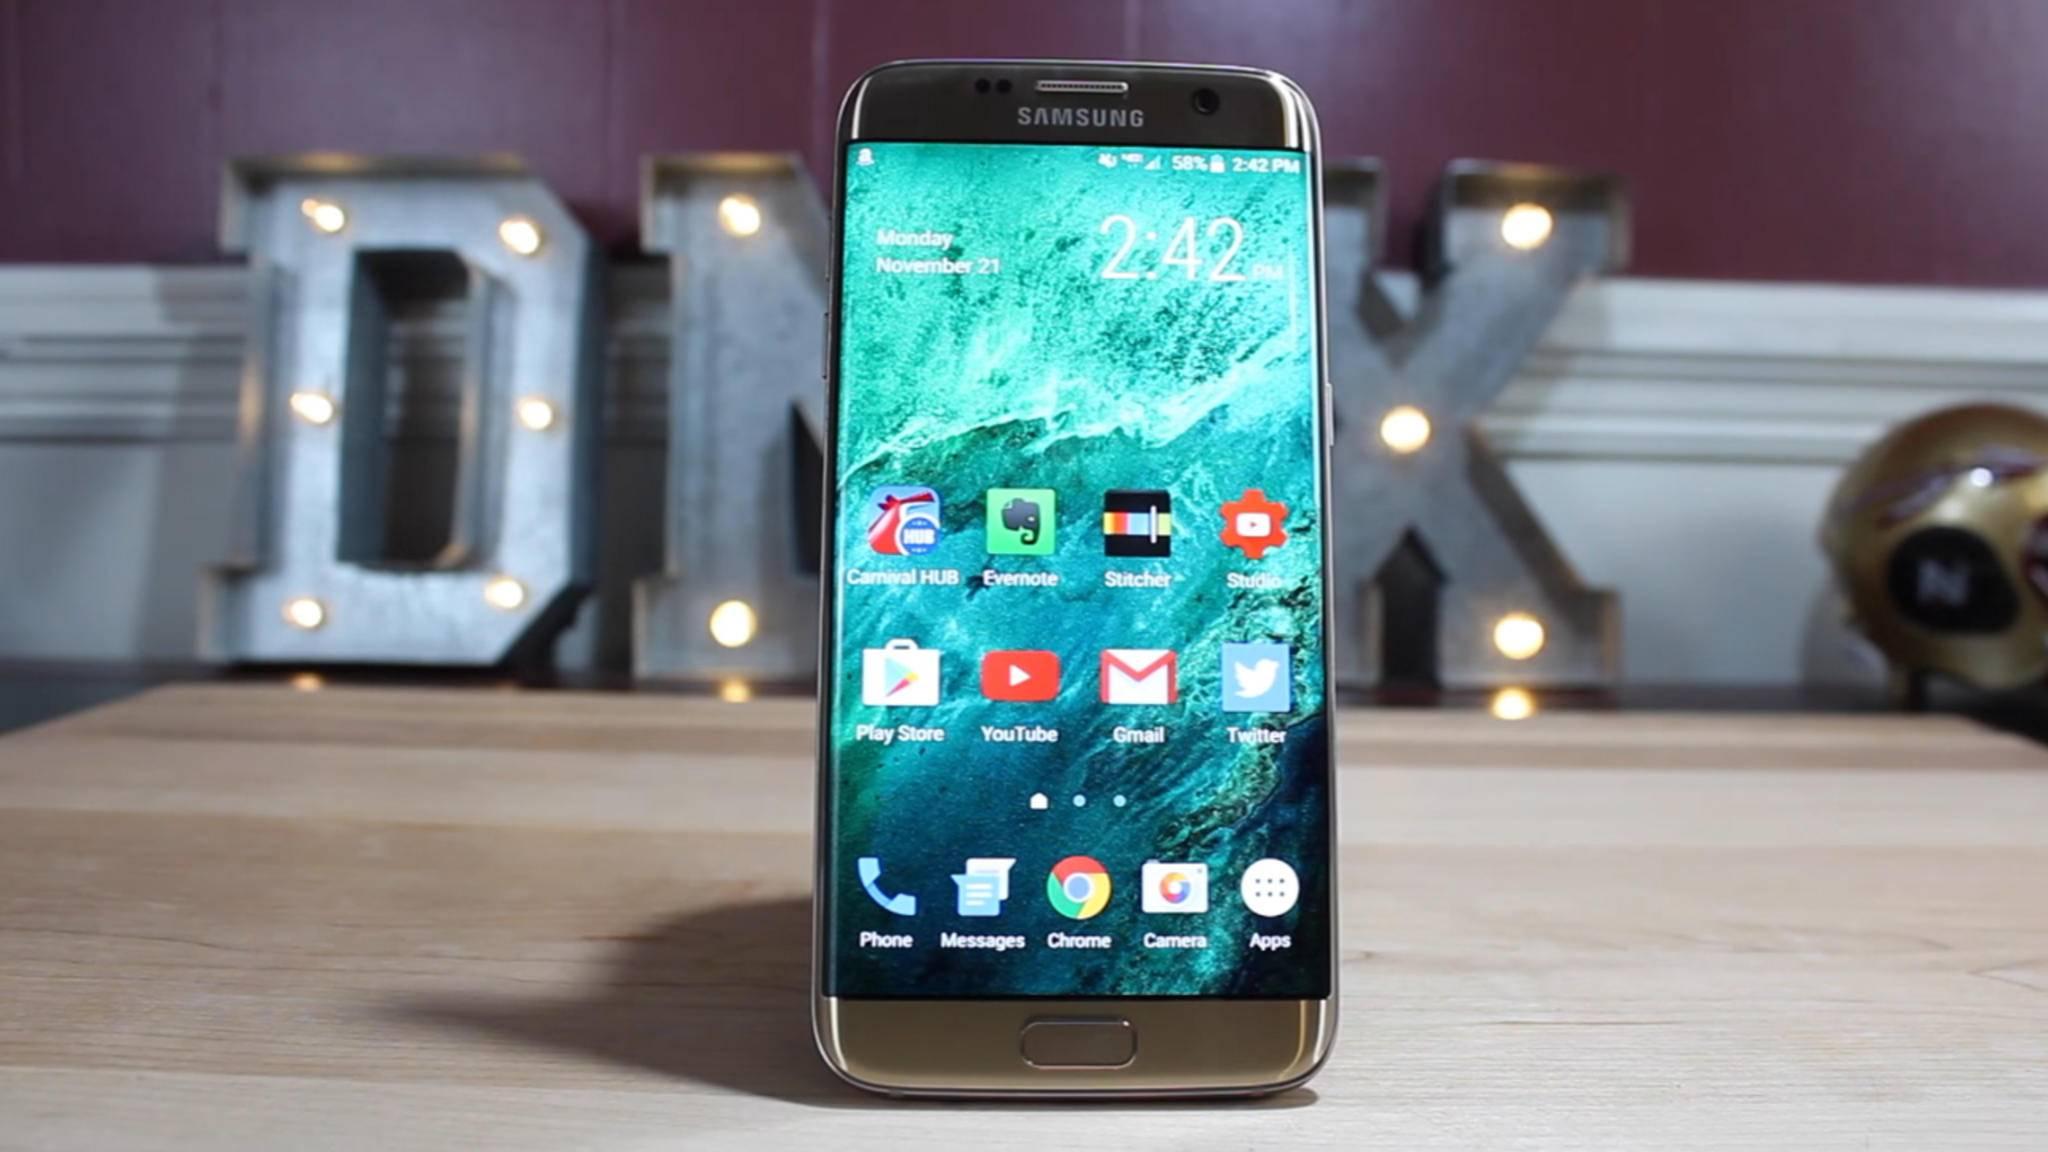 Jetzt gibt es ein vermeintliches Datum für das Galaxy S7-Update auf Android Nougat.